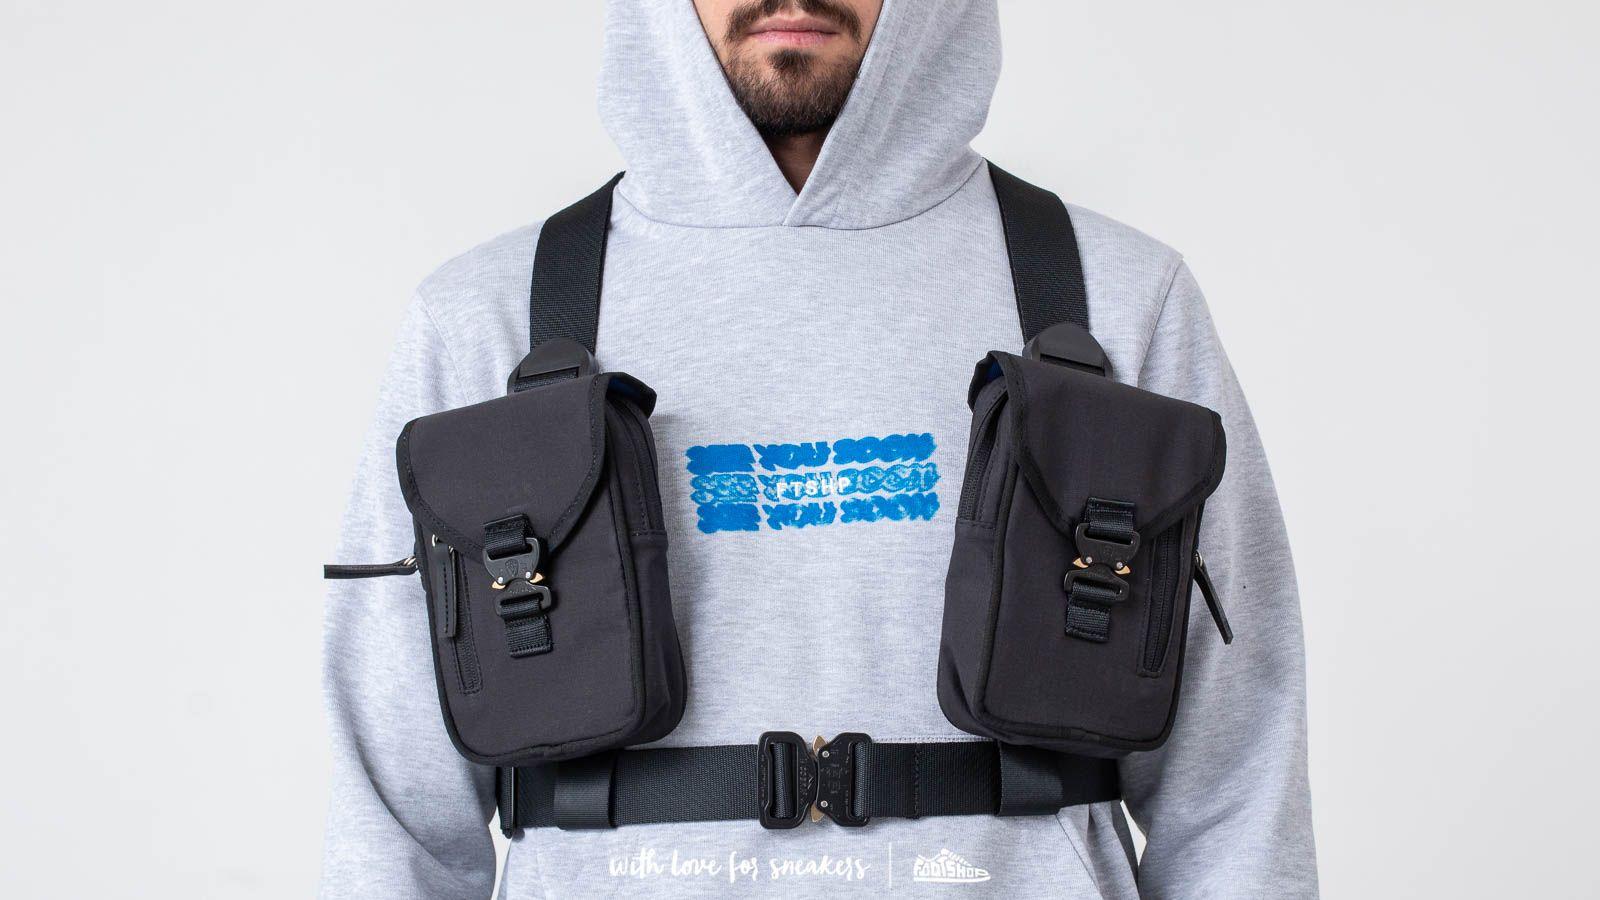 """FTSHP """"See You Soon"""" Cargo Harness Black za skvelú cenu 147 € kúpite na Footshop.sk"""